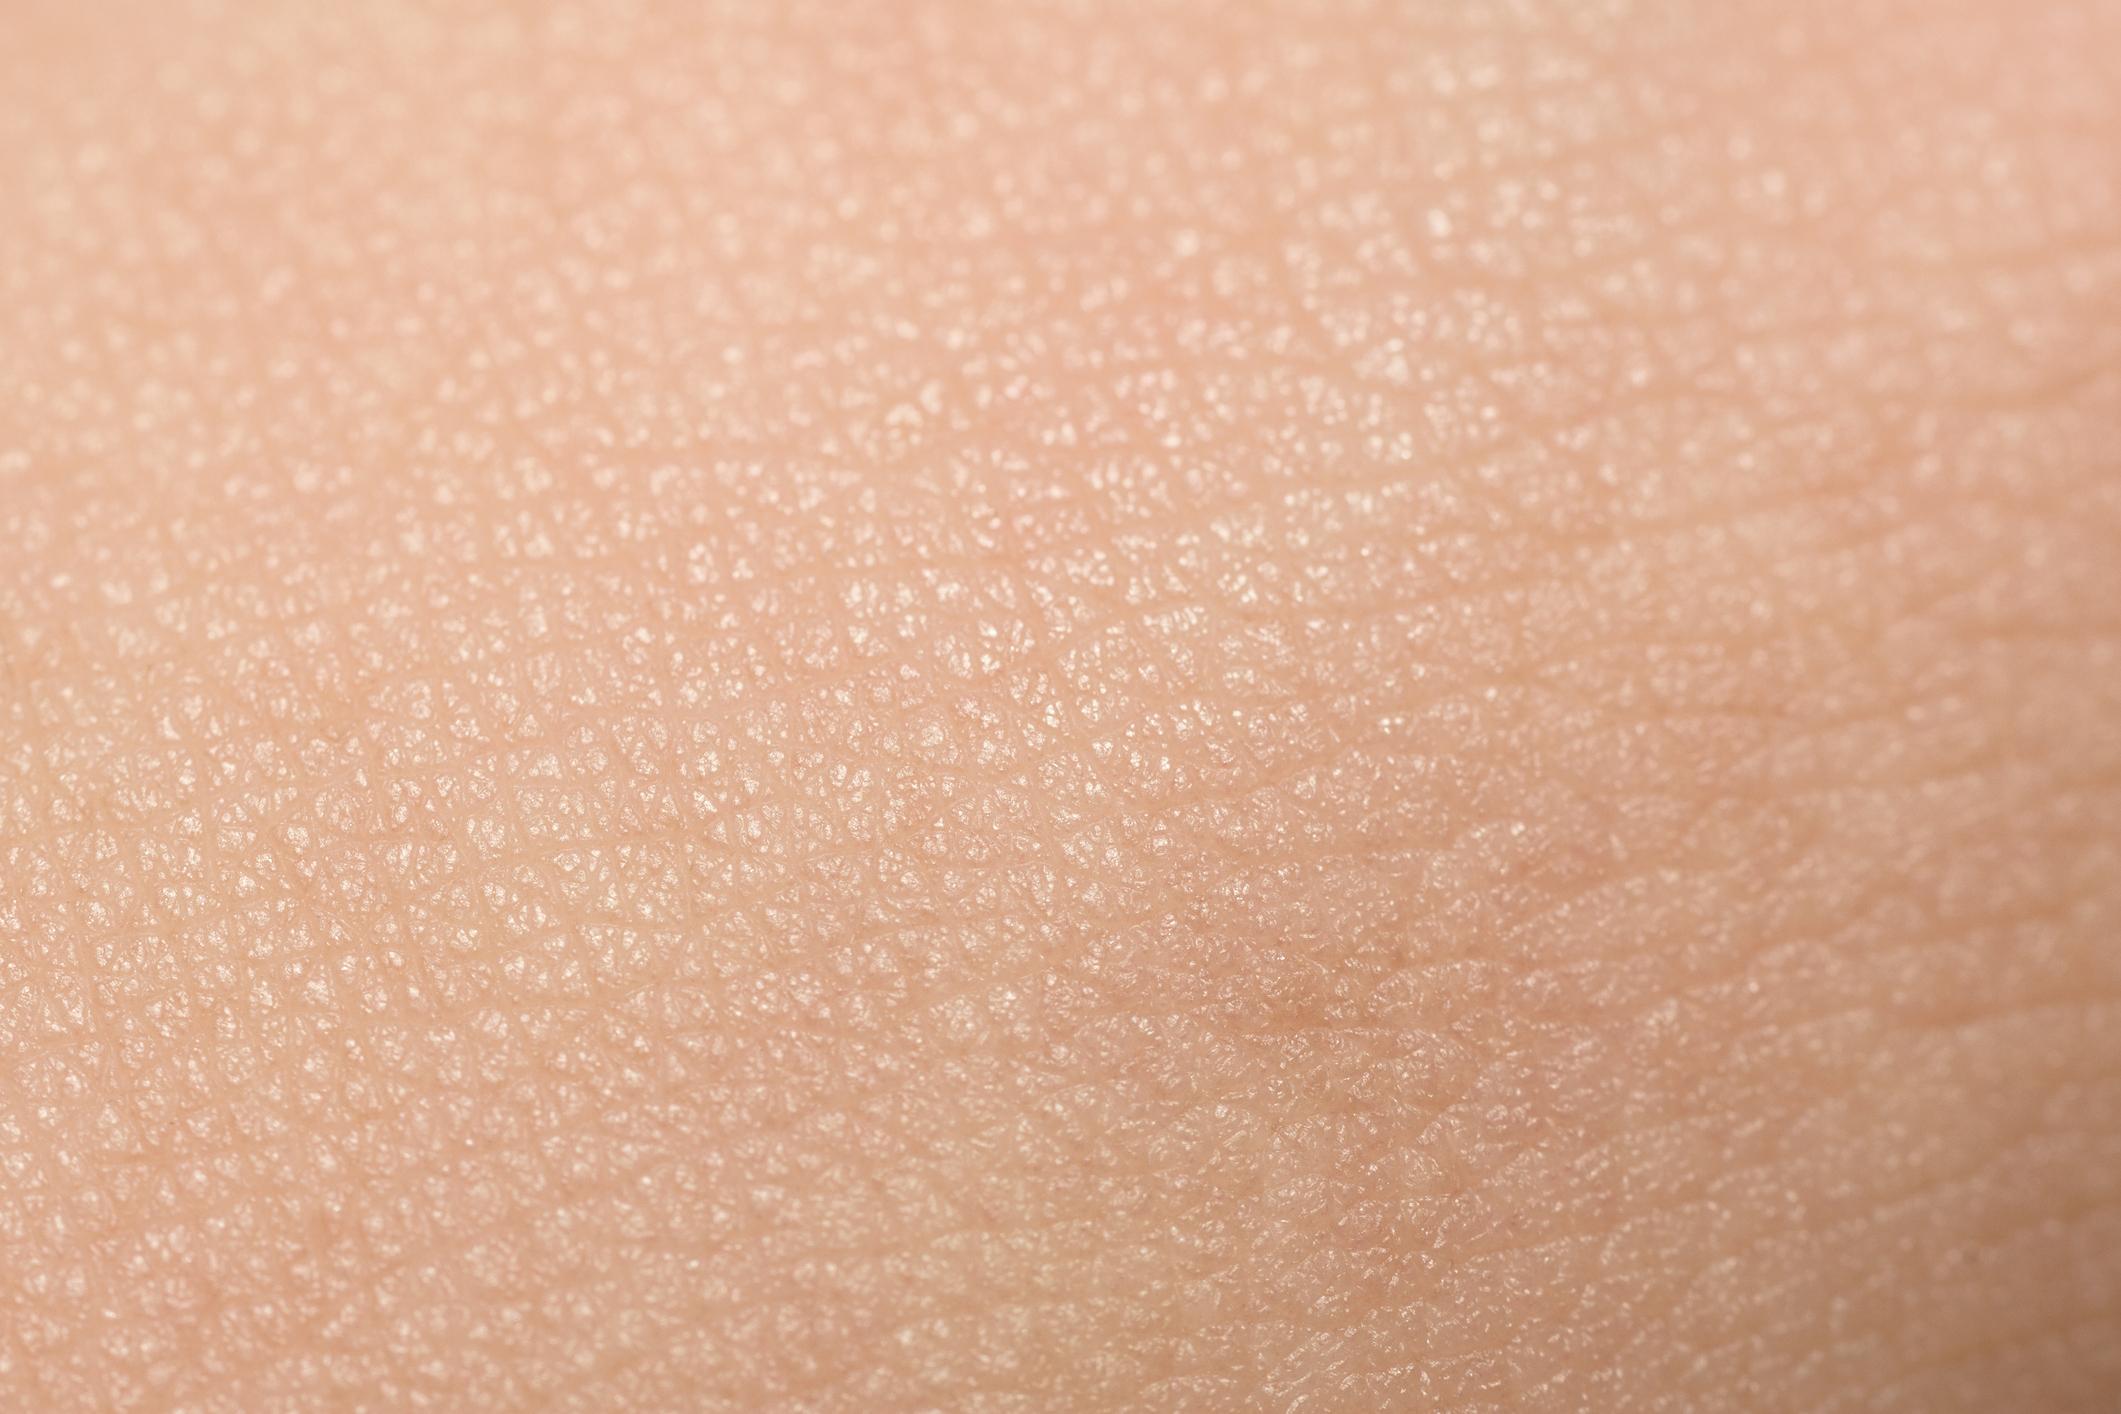 Células ayudan a regenerar la piel